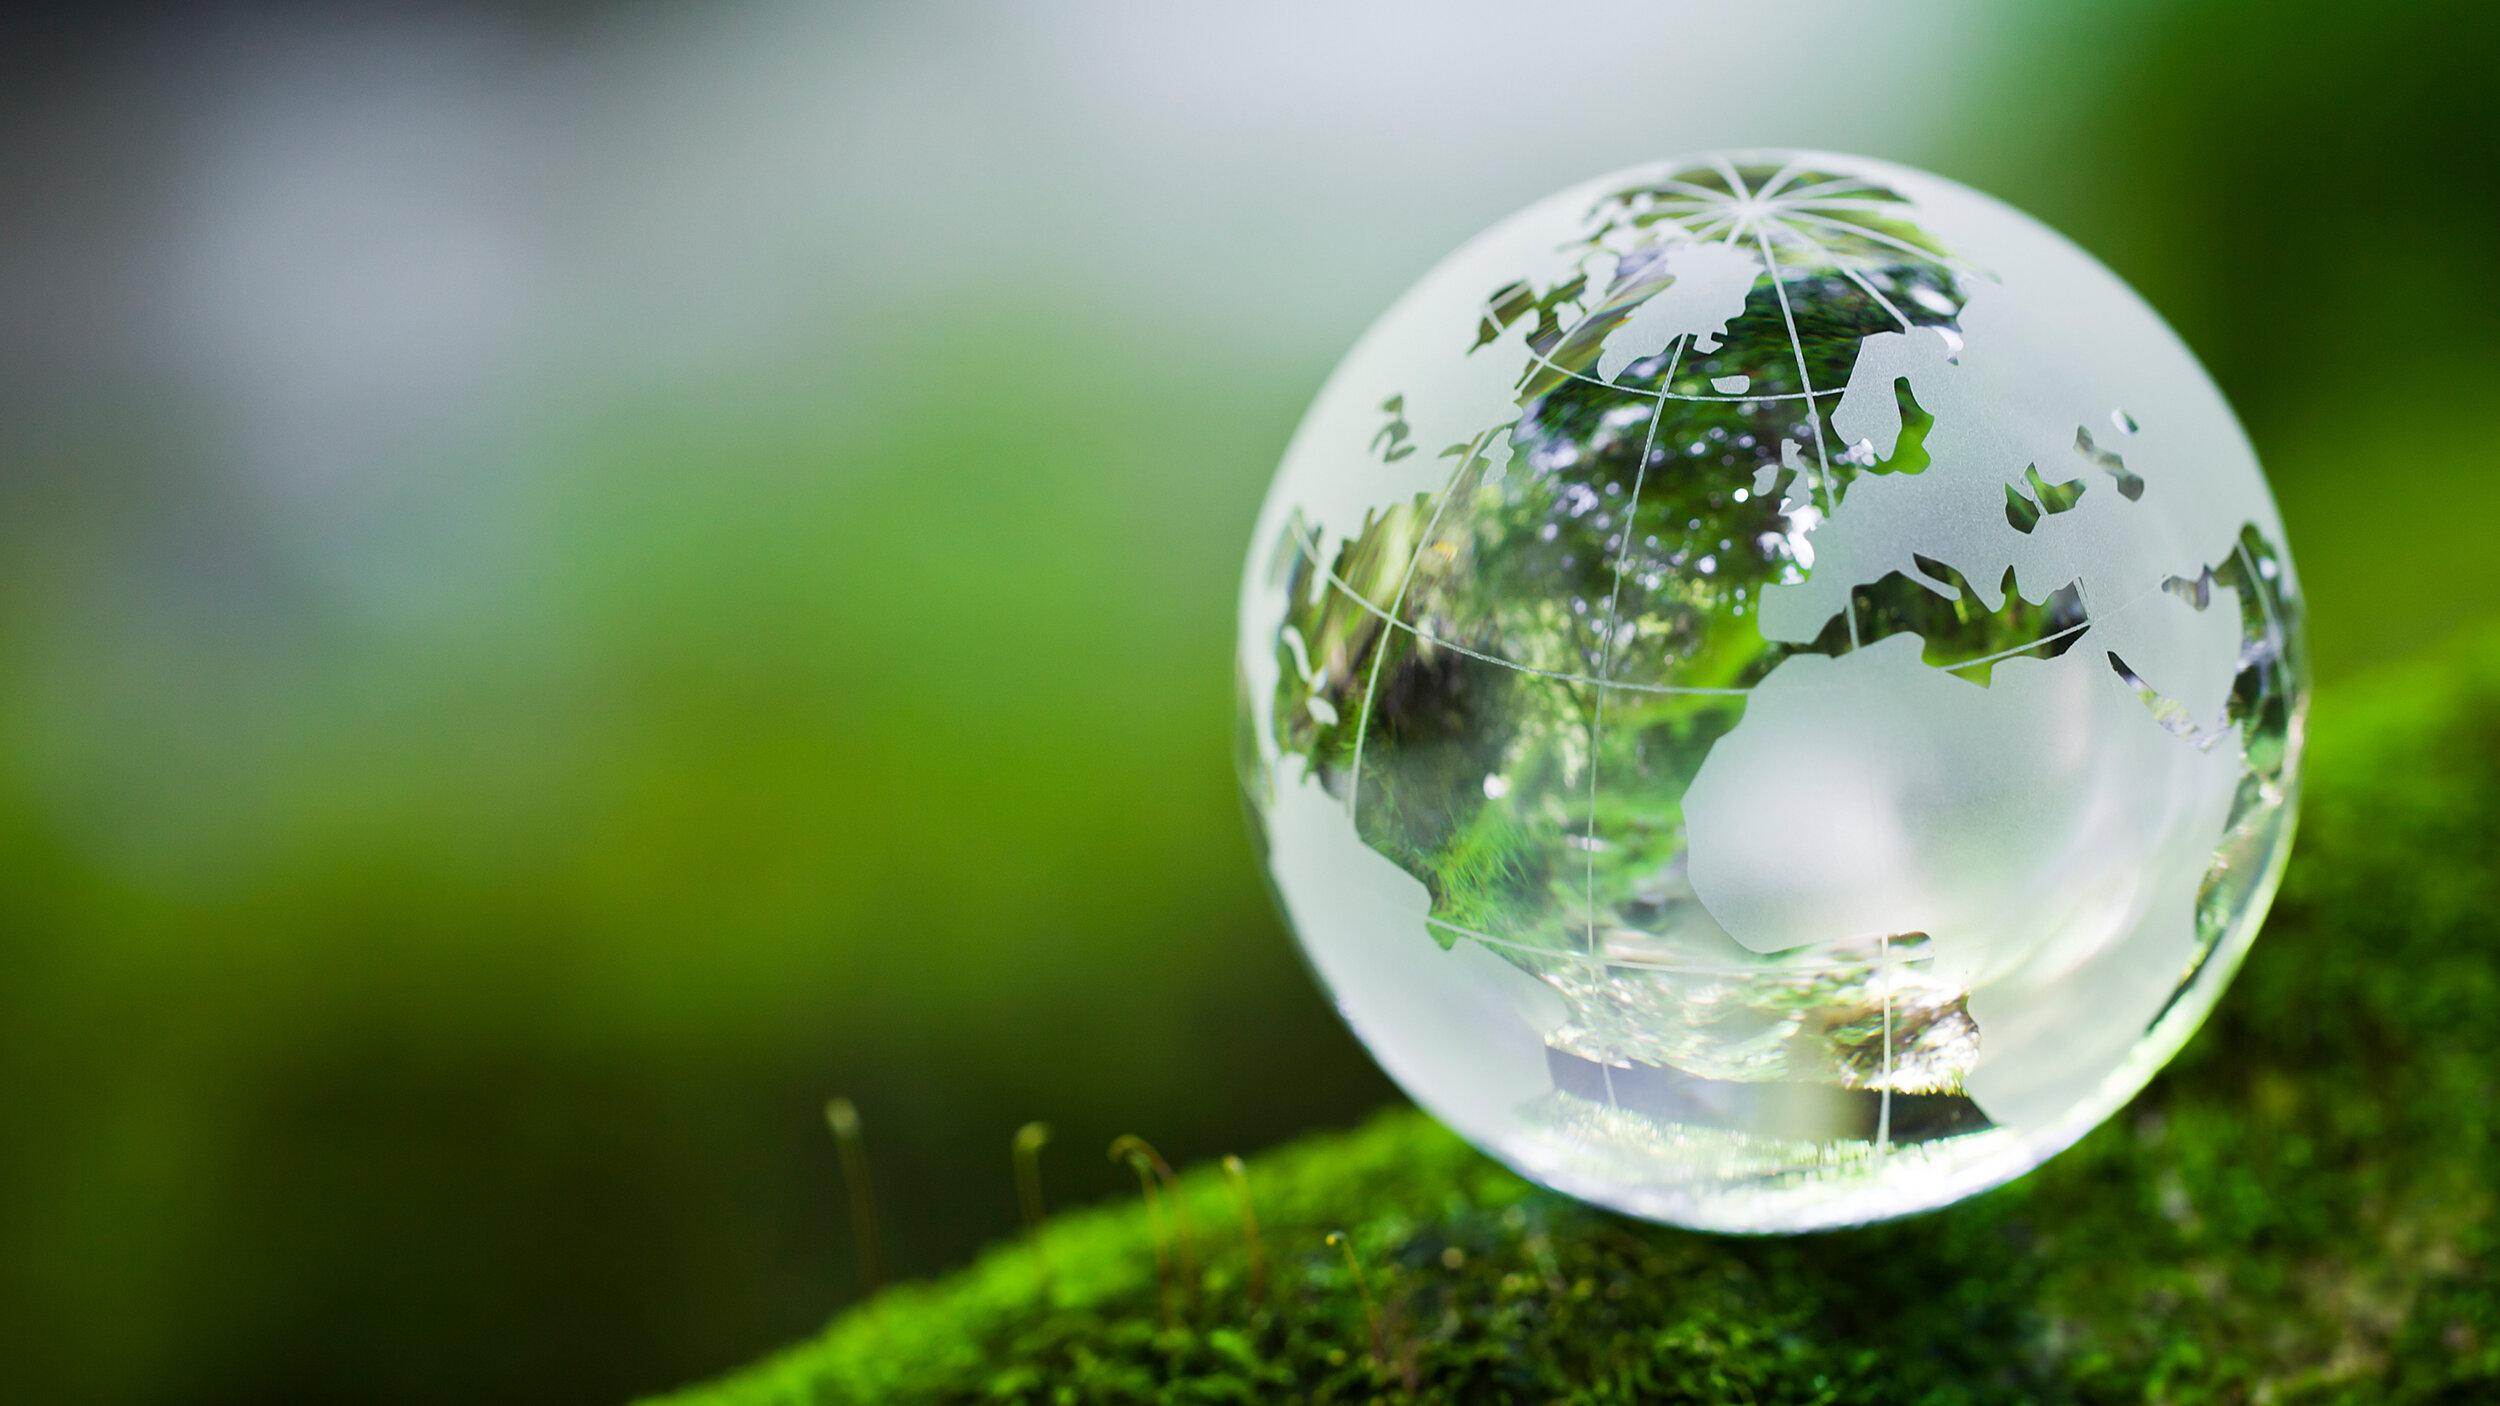 将可持续发展融入我们所做的一切